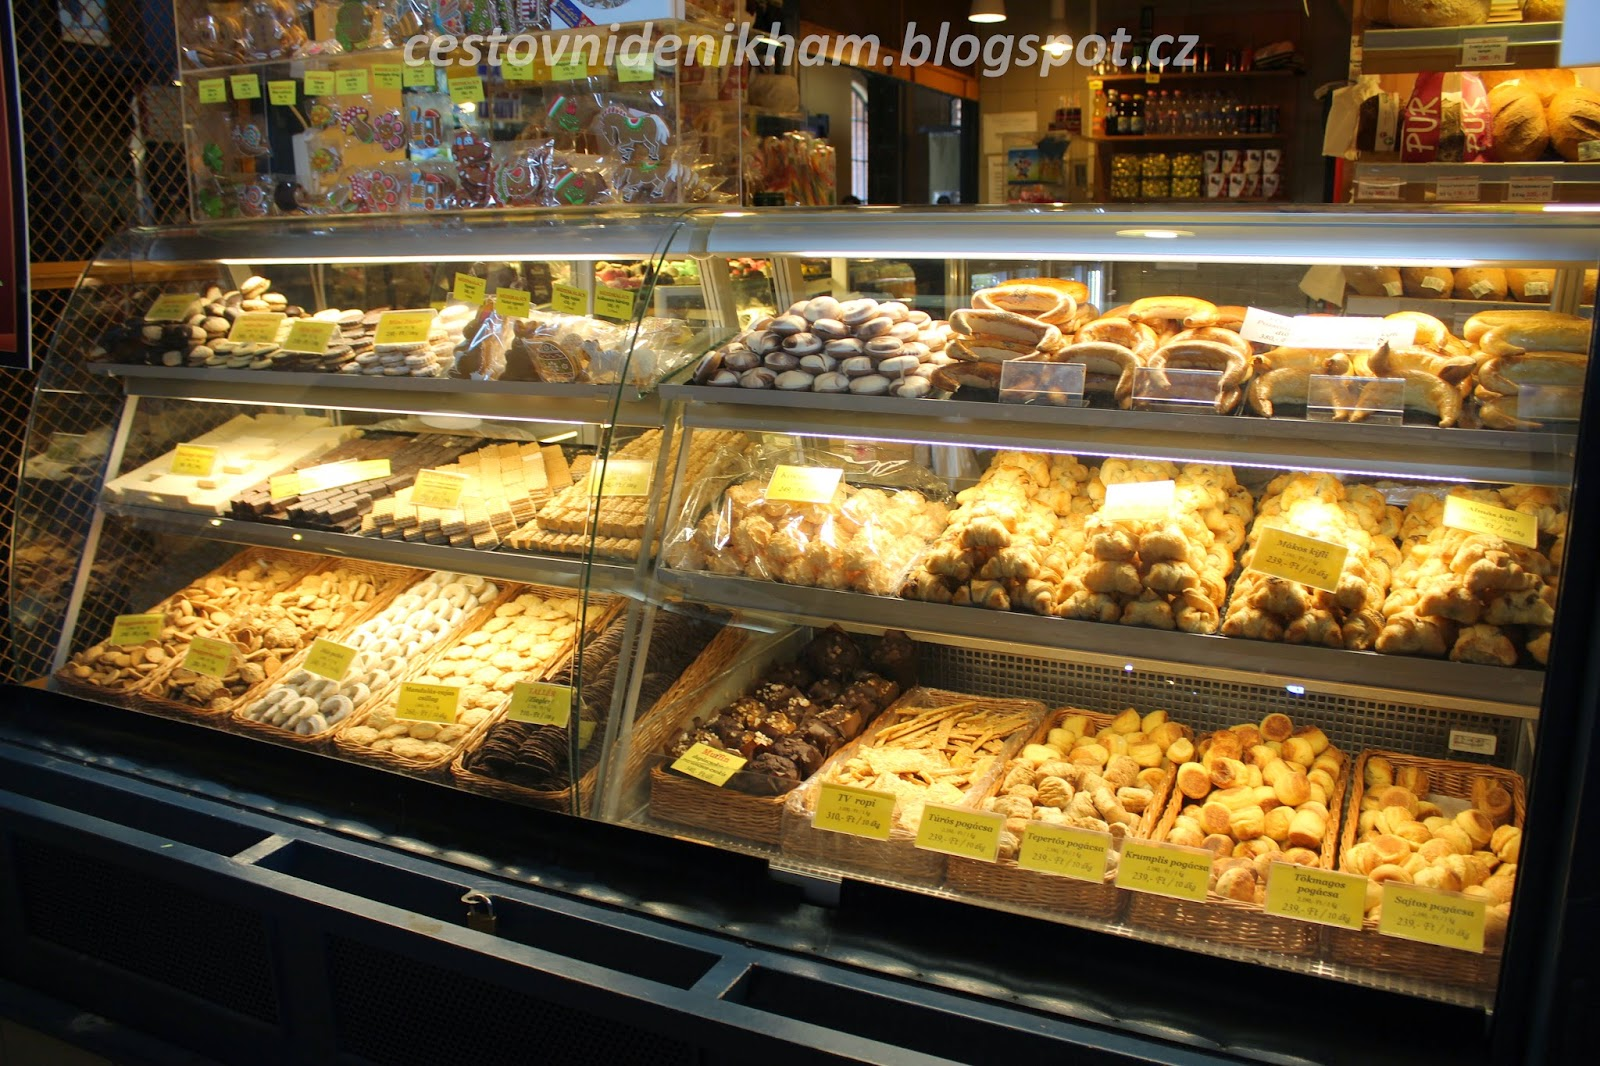 pekárna // bakery shop